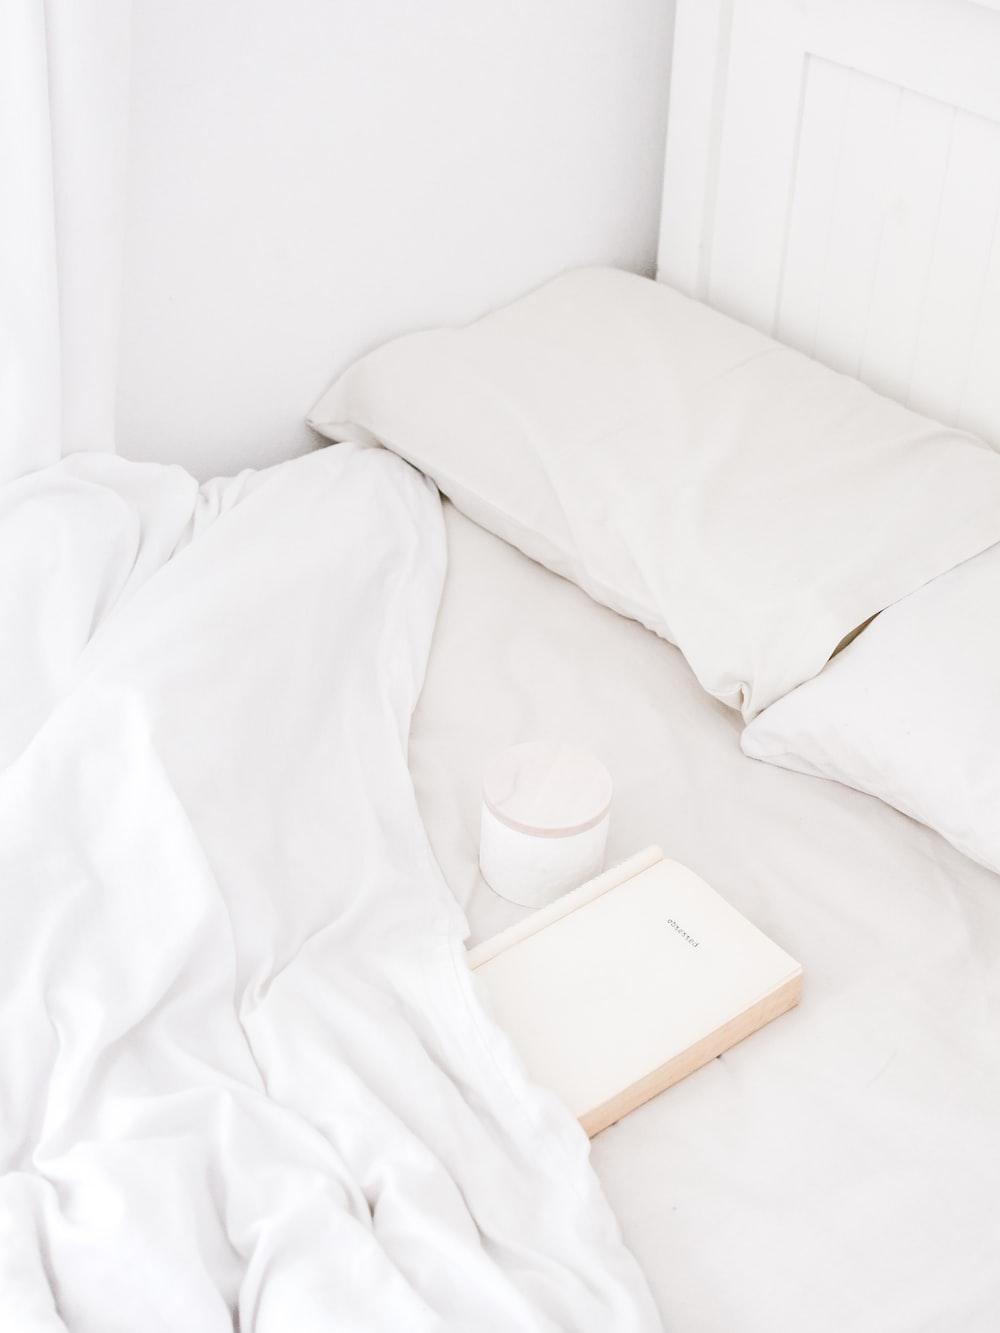 white portable speaker on bed